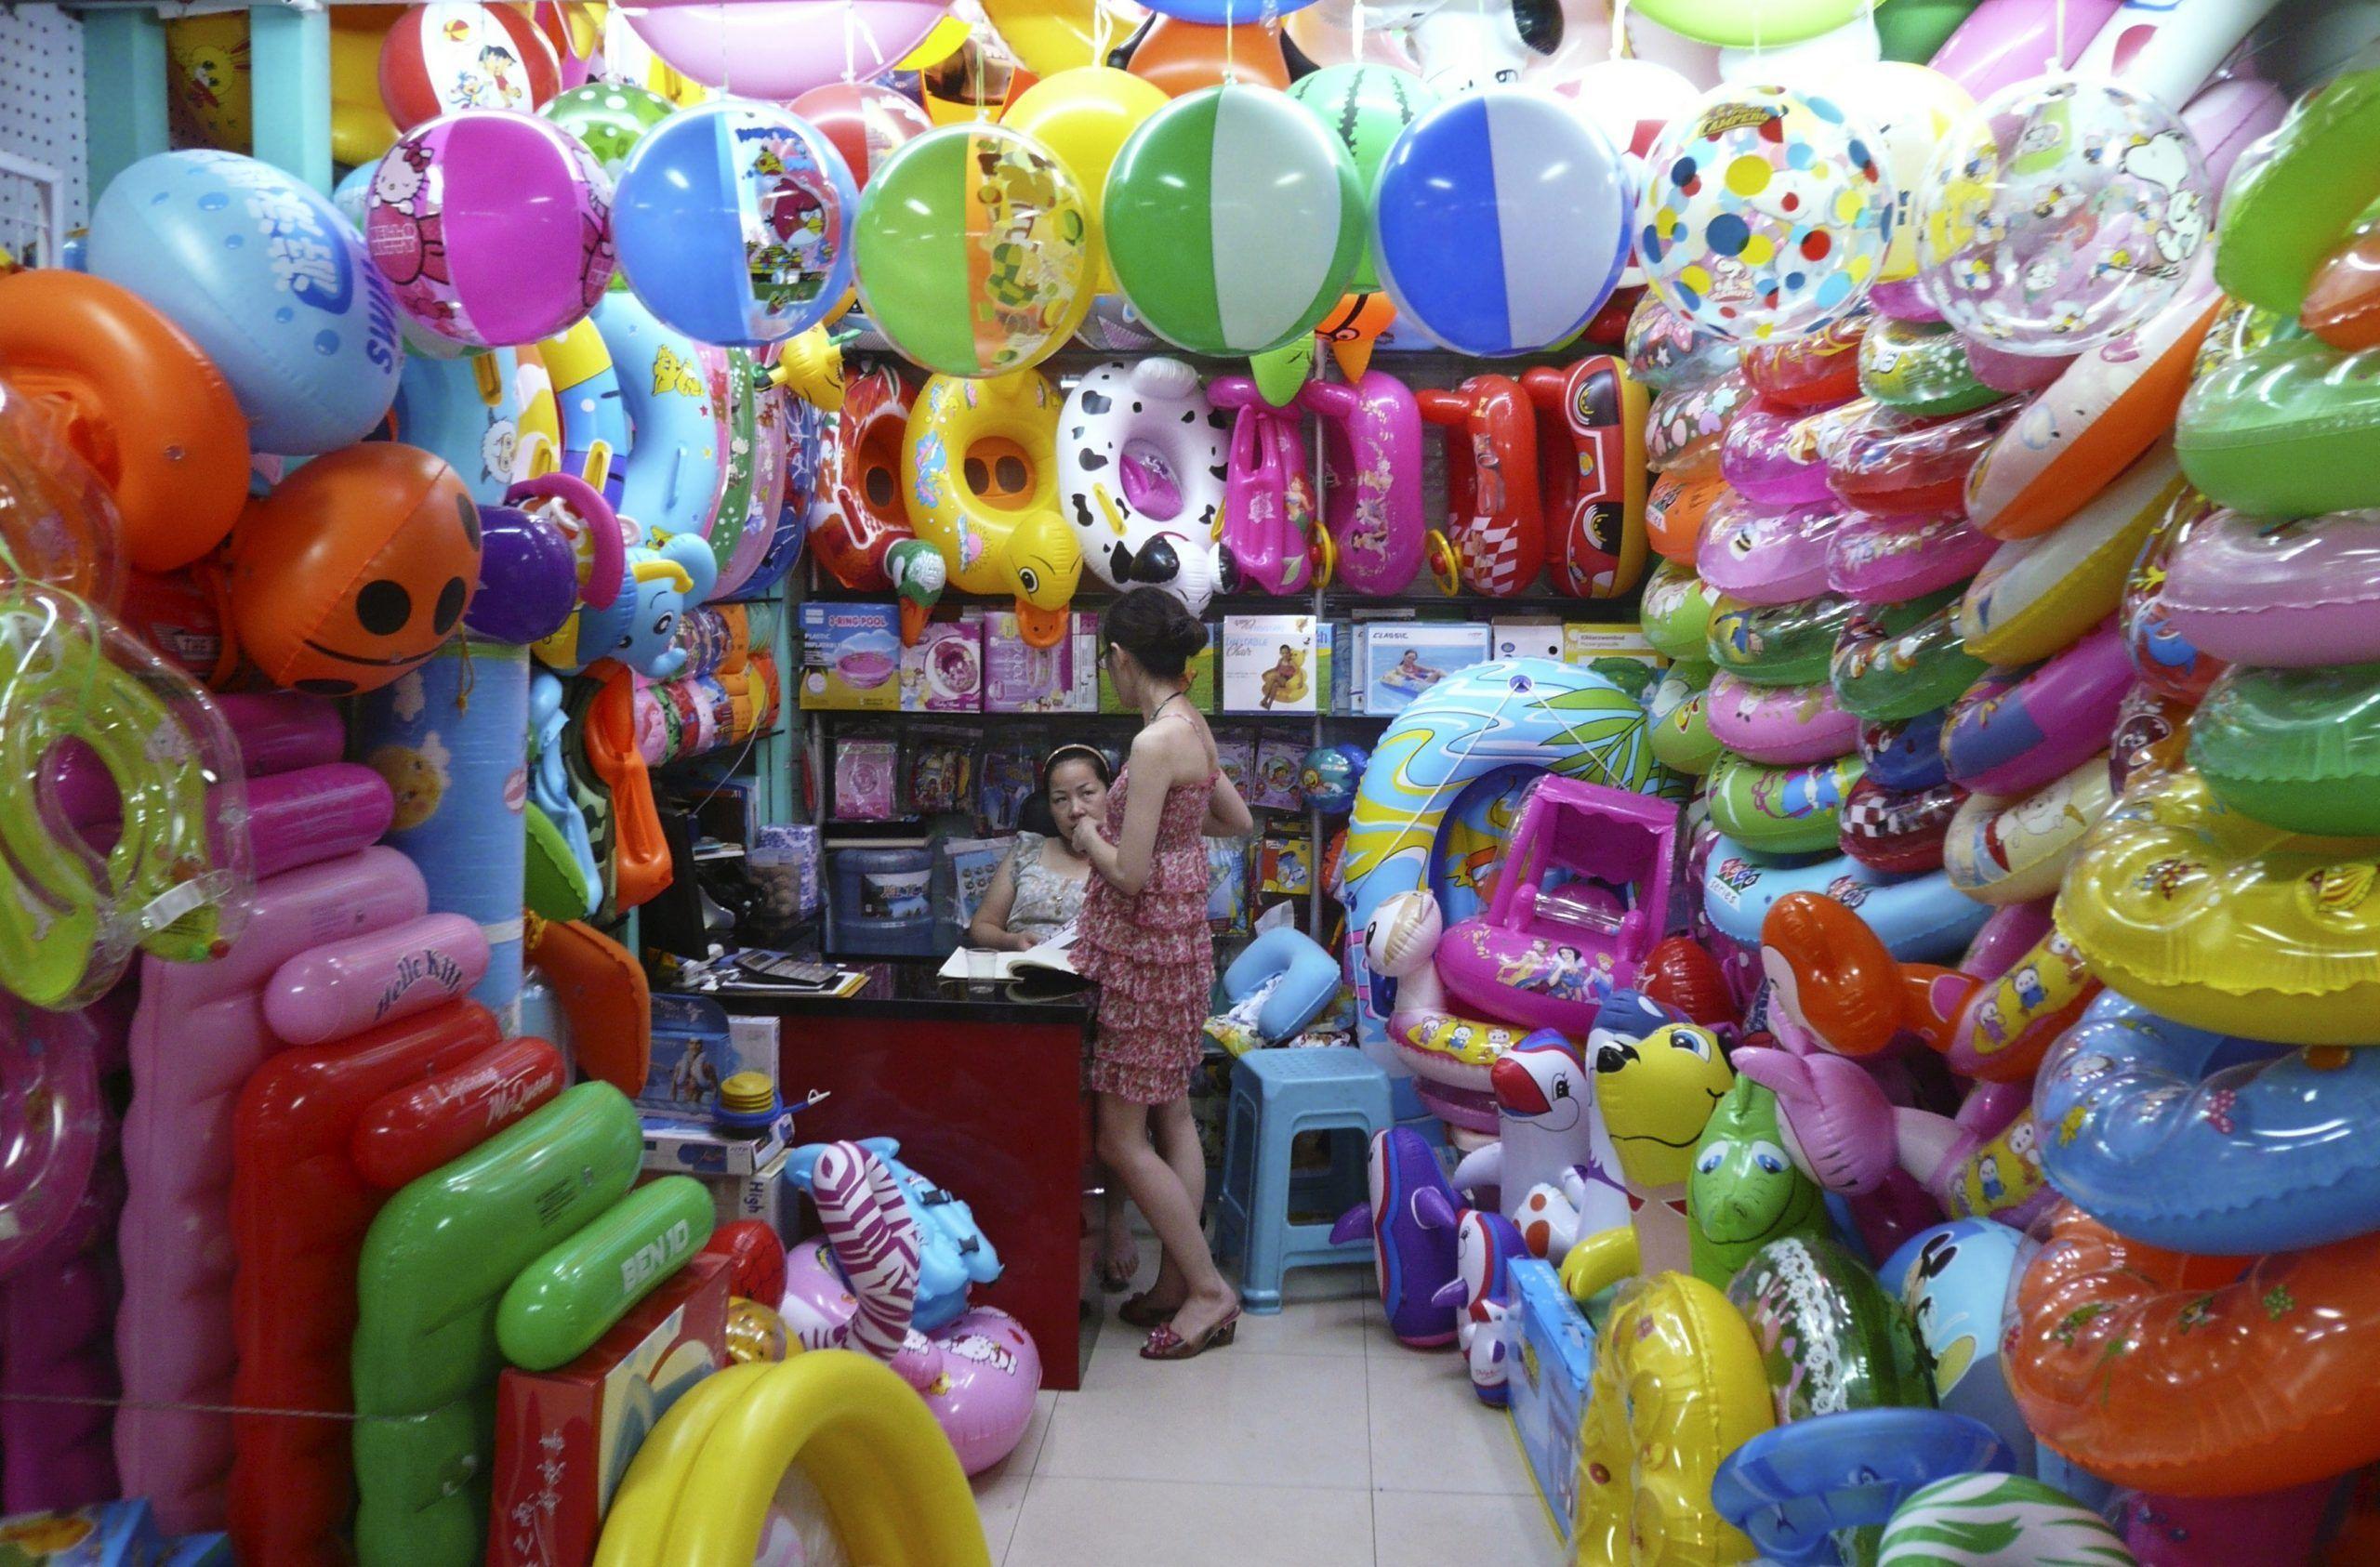 2012-07-09T000000Z_376419238_GM1E8790ZXG01_RTRMADP_3_CHINA-ECONOMY-YIWU-scaled